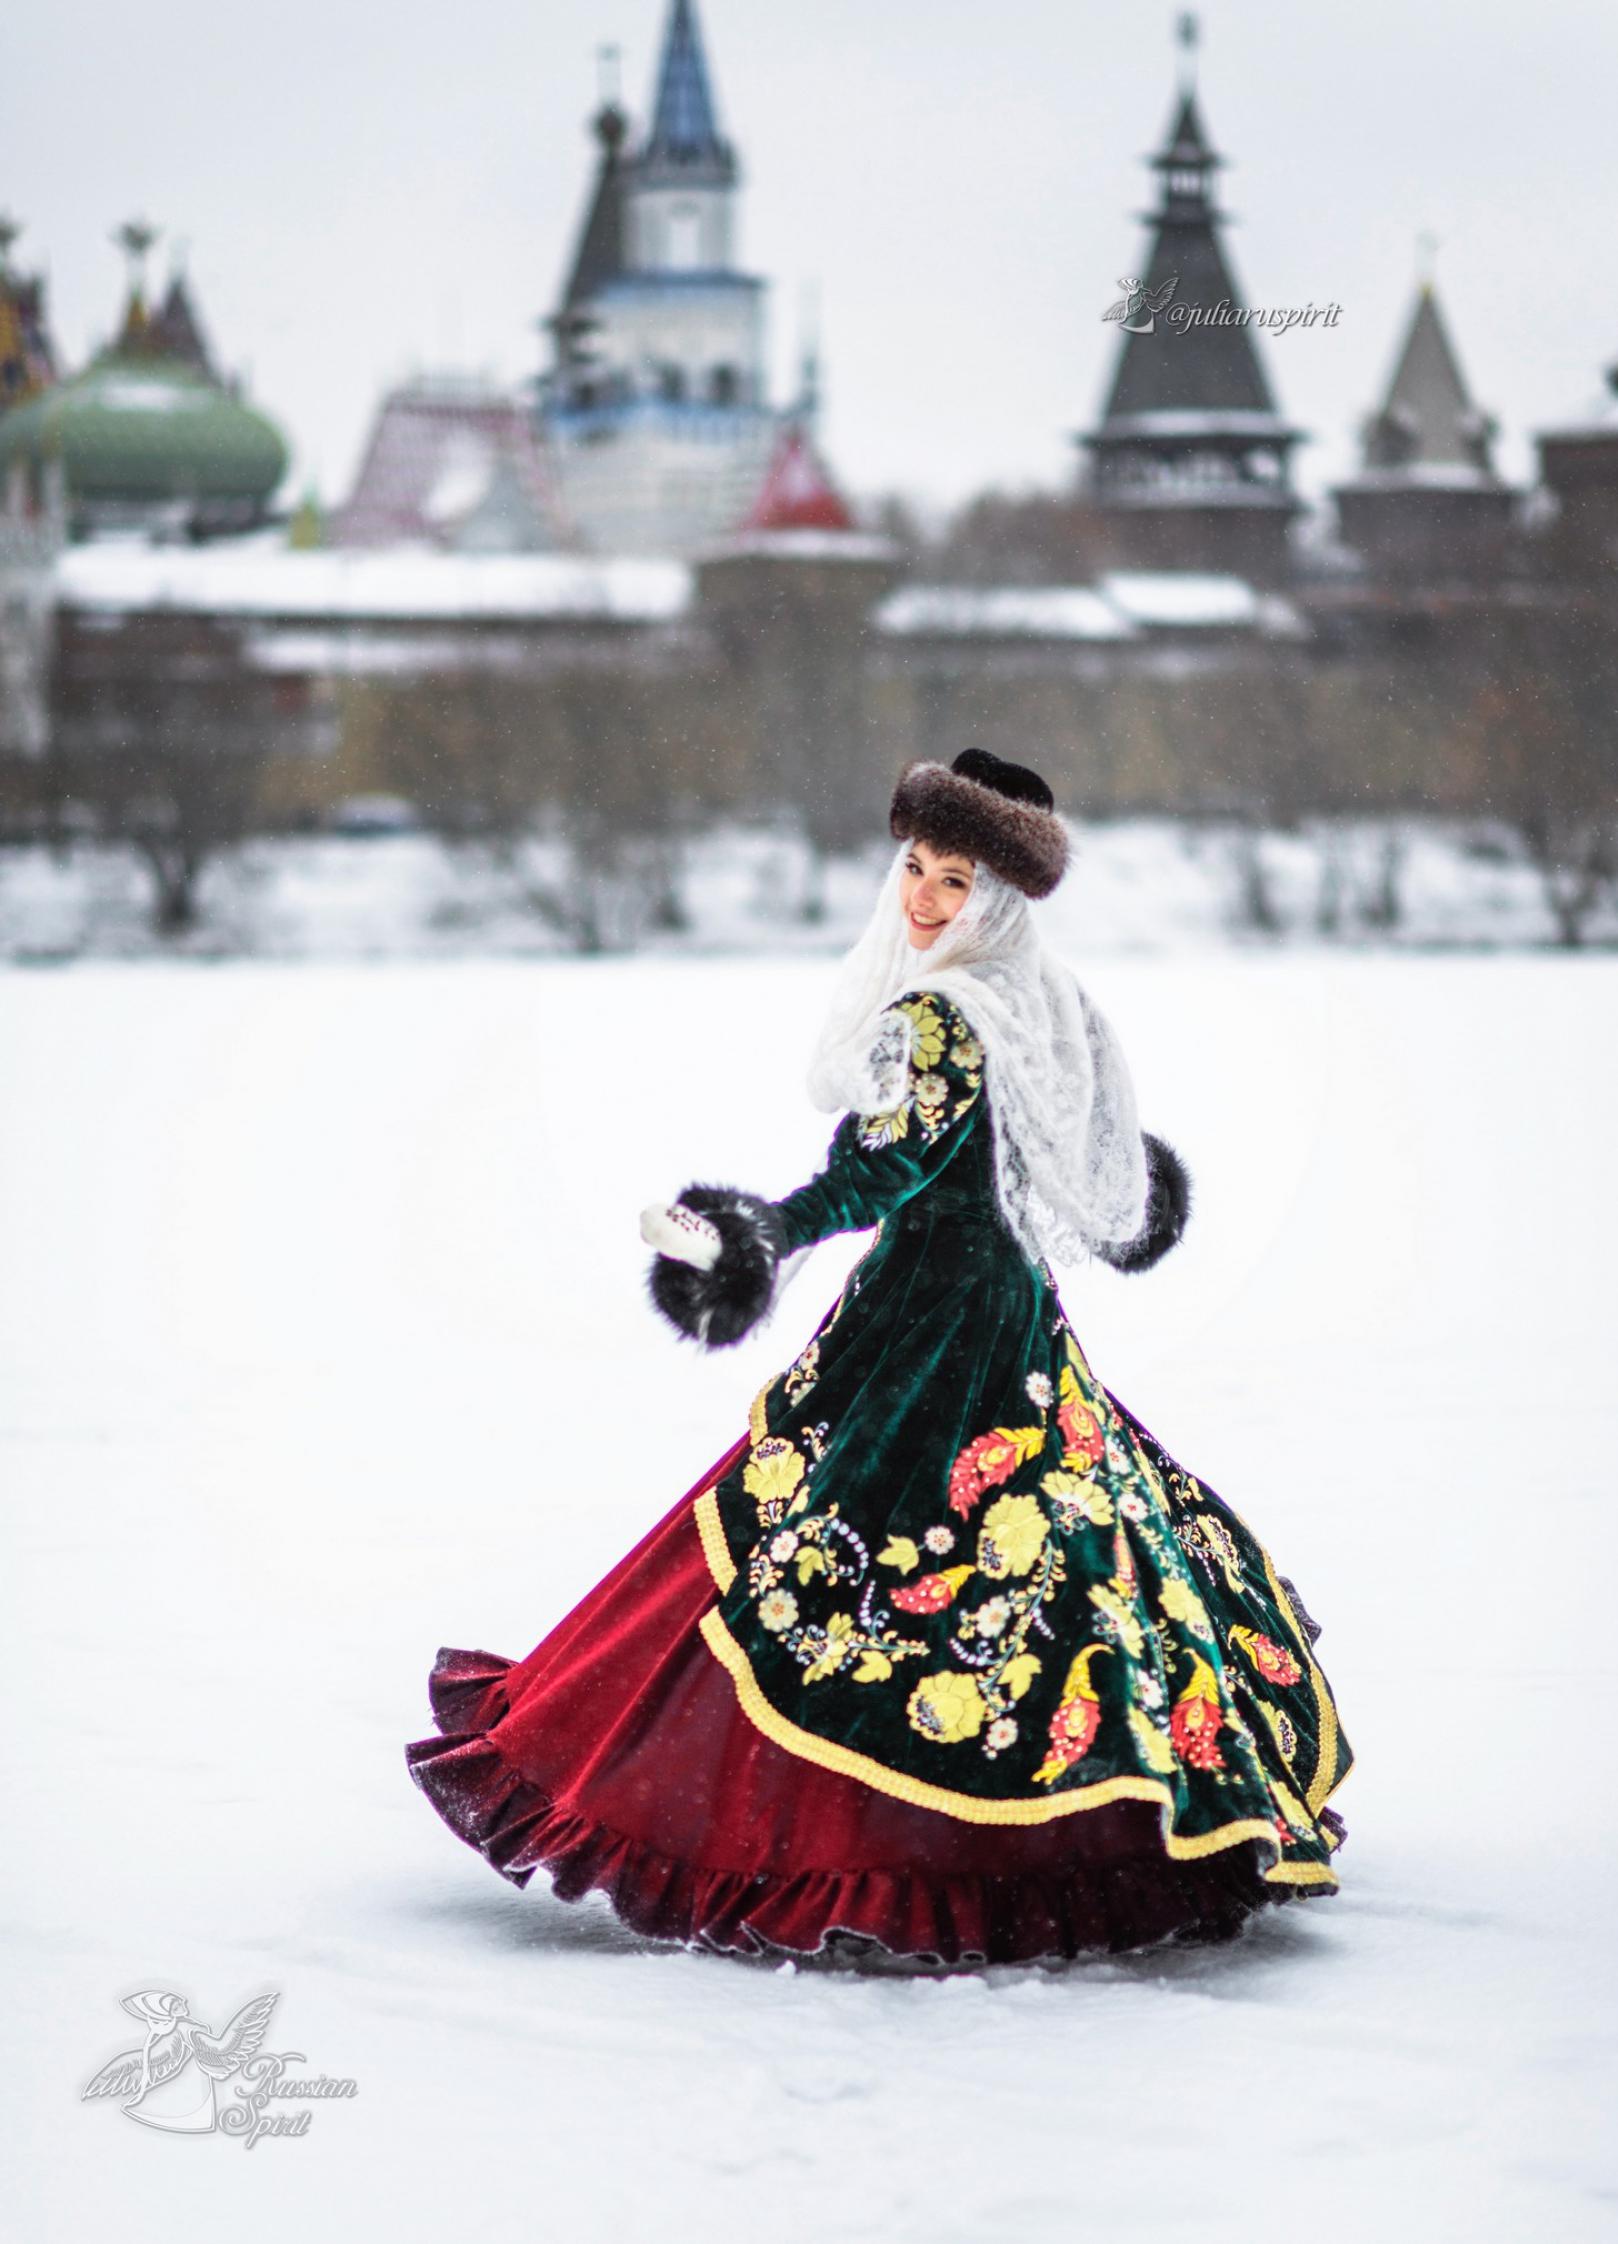 Девушка в вышитом узорами платье на фотосессии кружится на фоне кремля